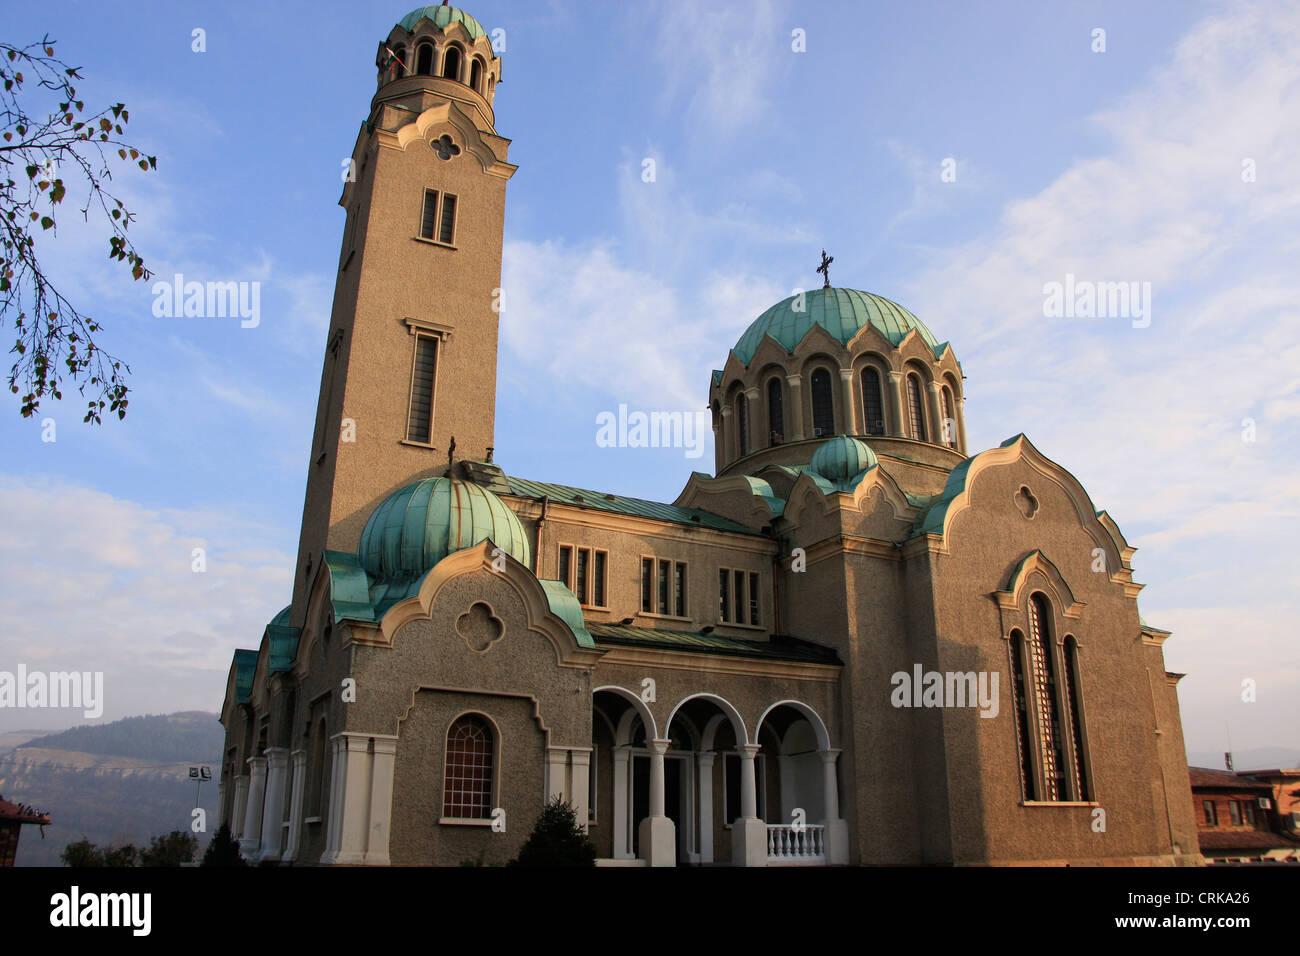 Cathedral of the Birth of the Theotokos, Veliko Tarnovo, Bulgaria Stock Photo